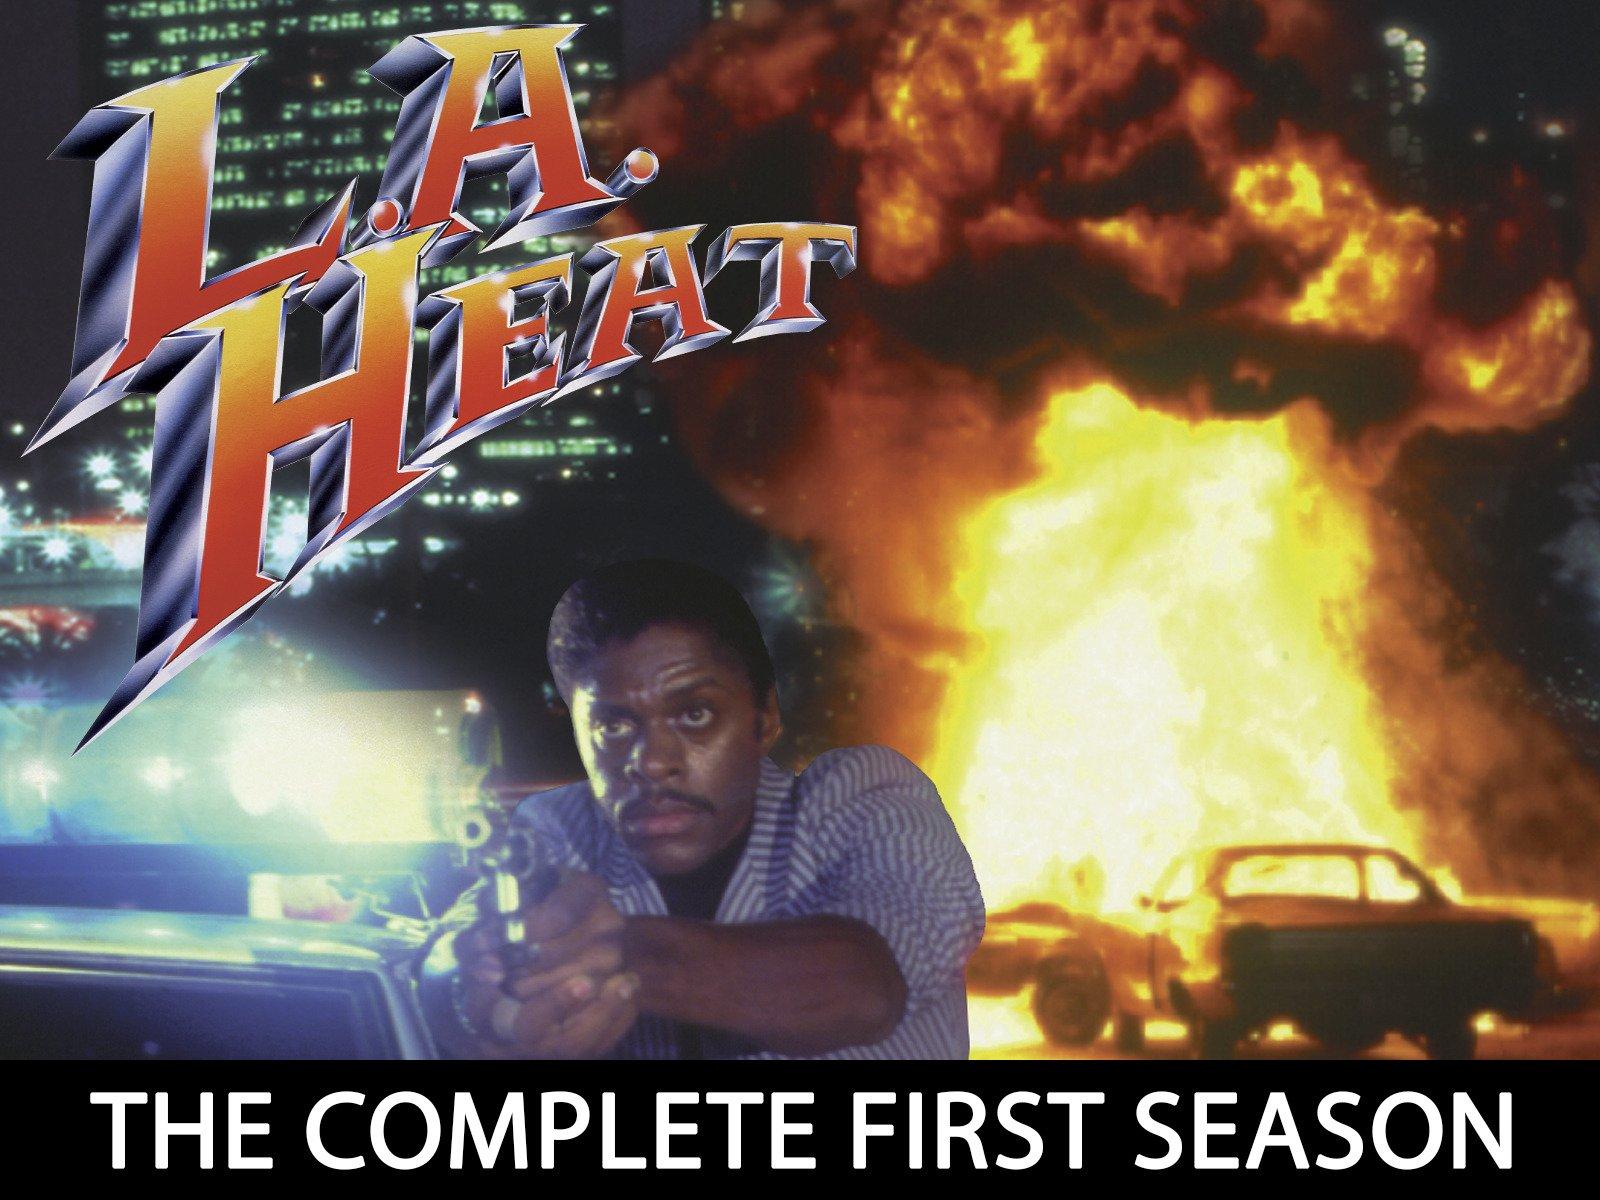 L.A. Heat - Season 1